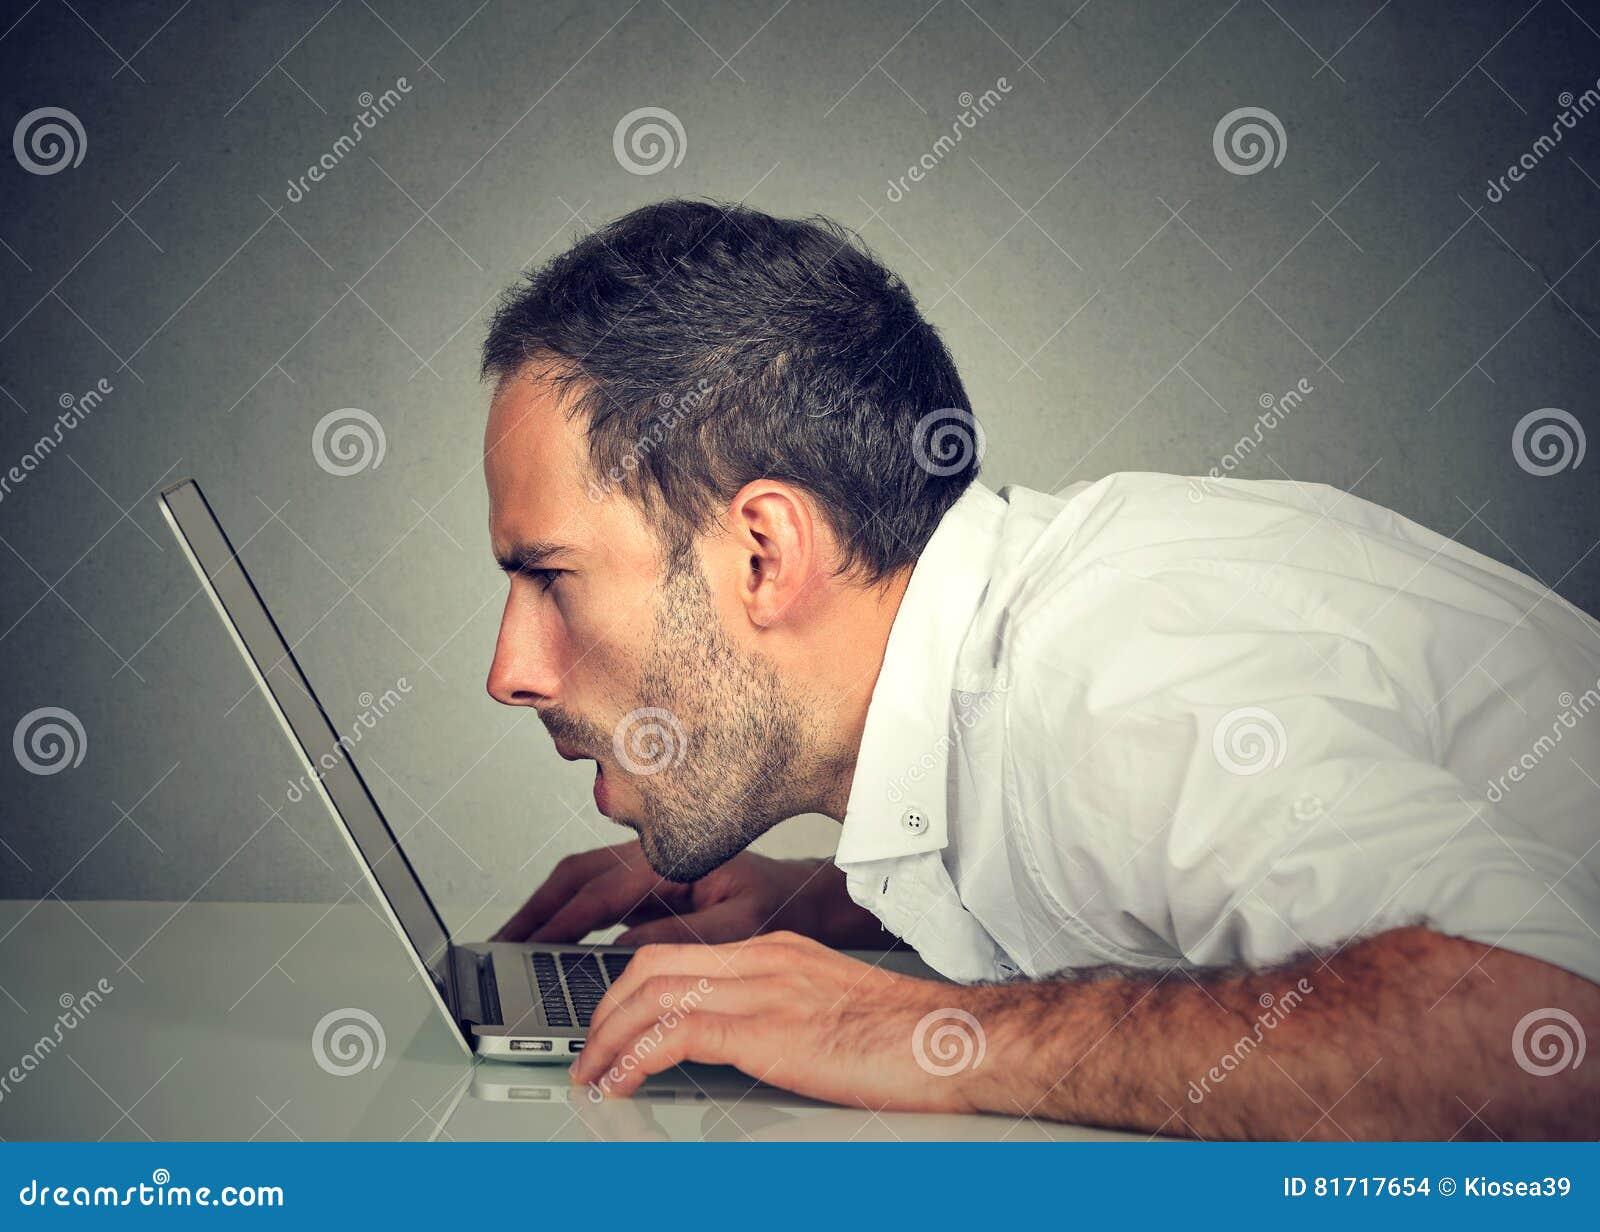 8ff2484e58 Άτομο με τα προβλήματα όρασης που χρησιμοποιούν το ηλεκτρονικό ταχυδρομείο  ανάγνωσης υπολογιστών που κοιτάζει βιαστικά Διαδίκτυο